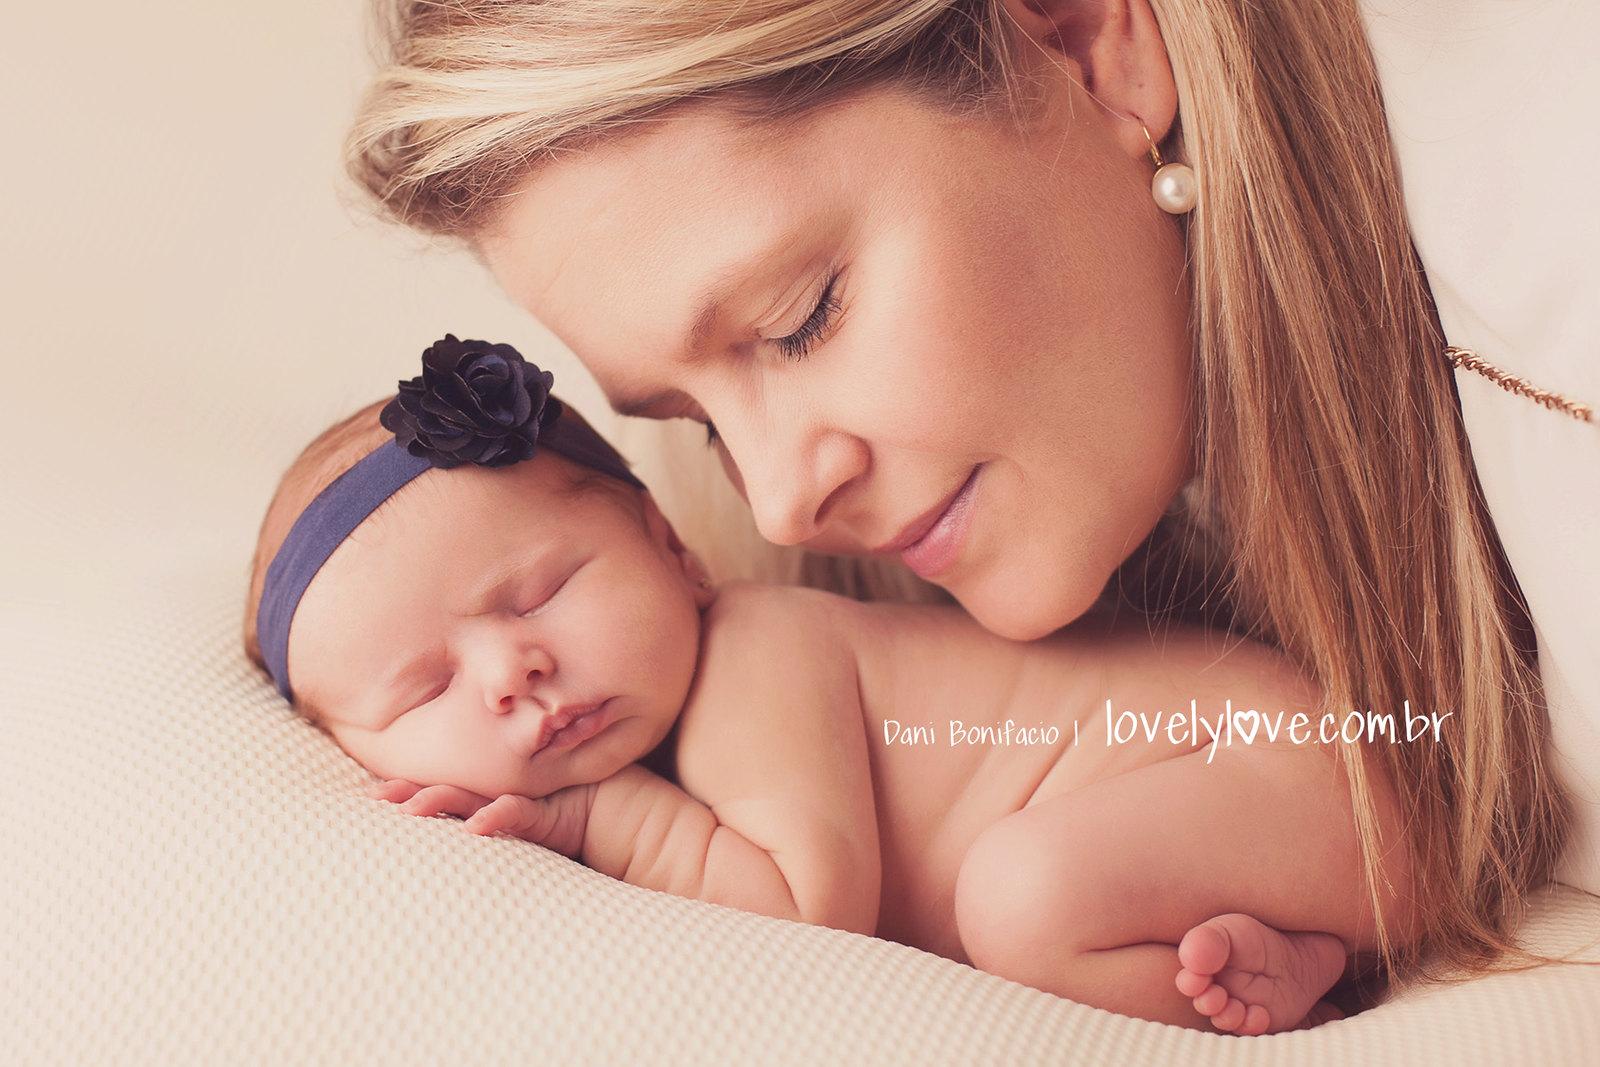 lovelylove-danibonifacio-newborn-acompanhamentobebe-ensaio-fotografia-foto-fotografa2